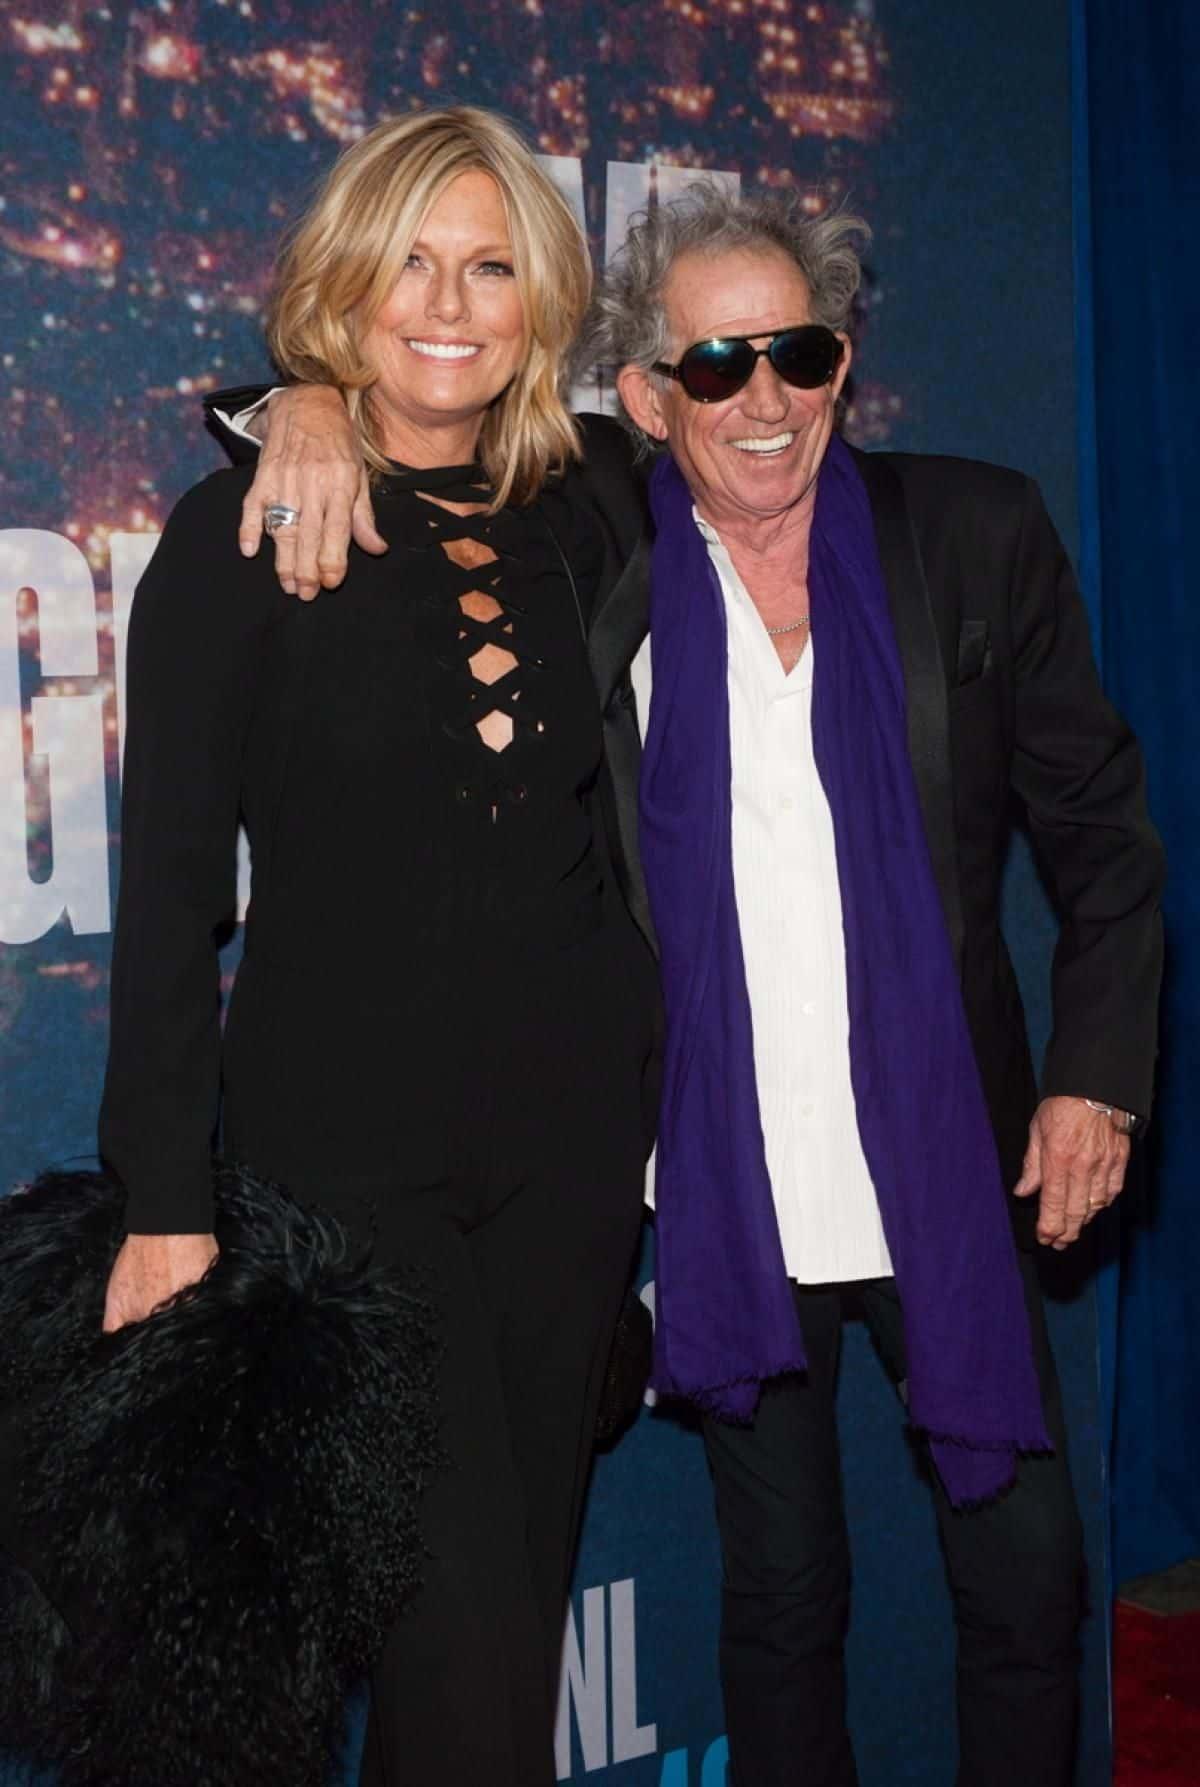 Keith Richards & Patti Hansen 37 Years